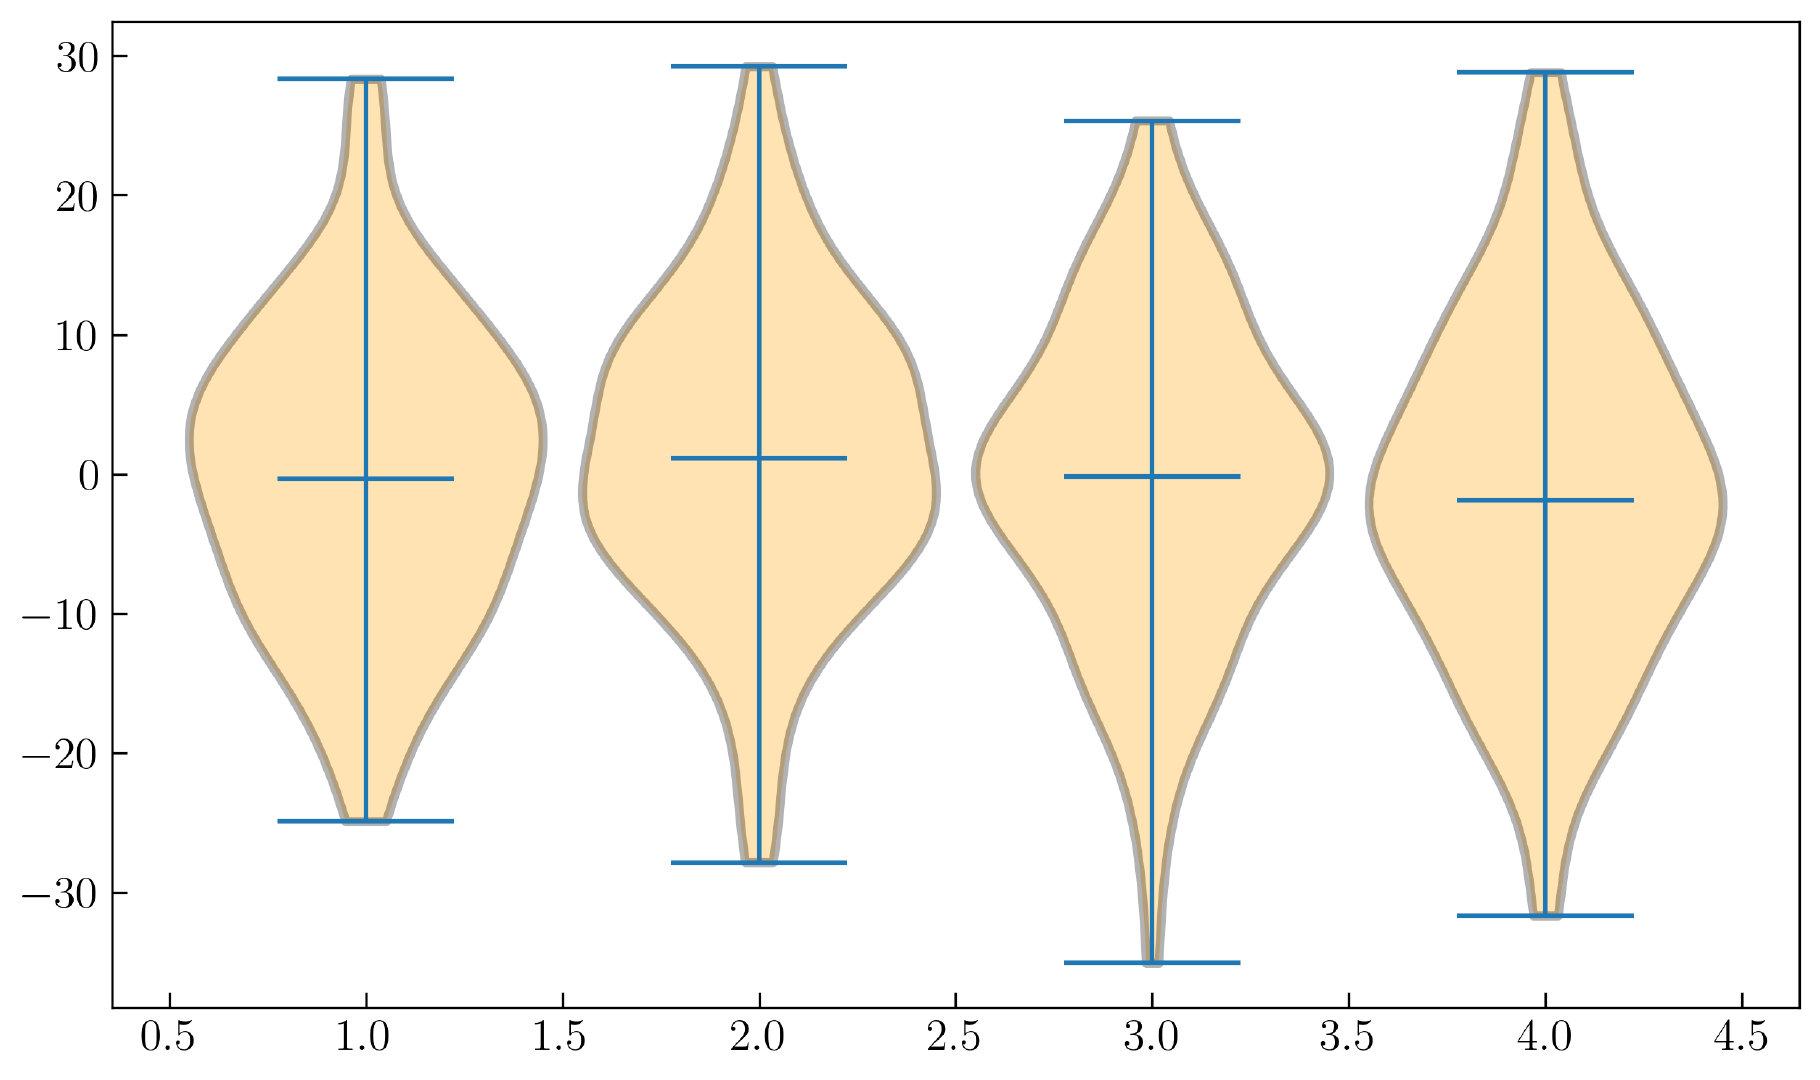 图14. 小提琴图-自定义设置轮廓